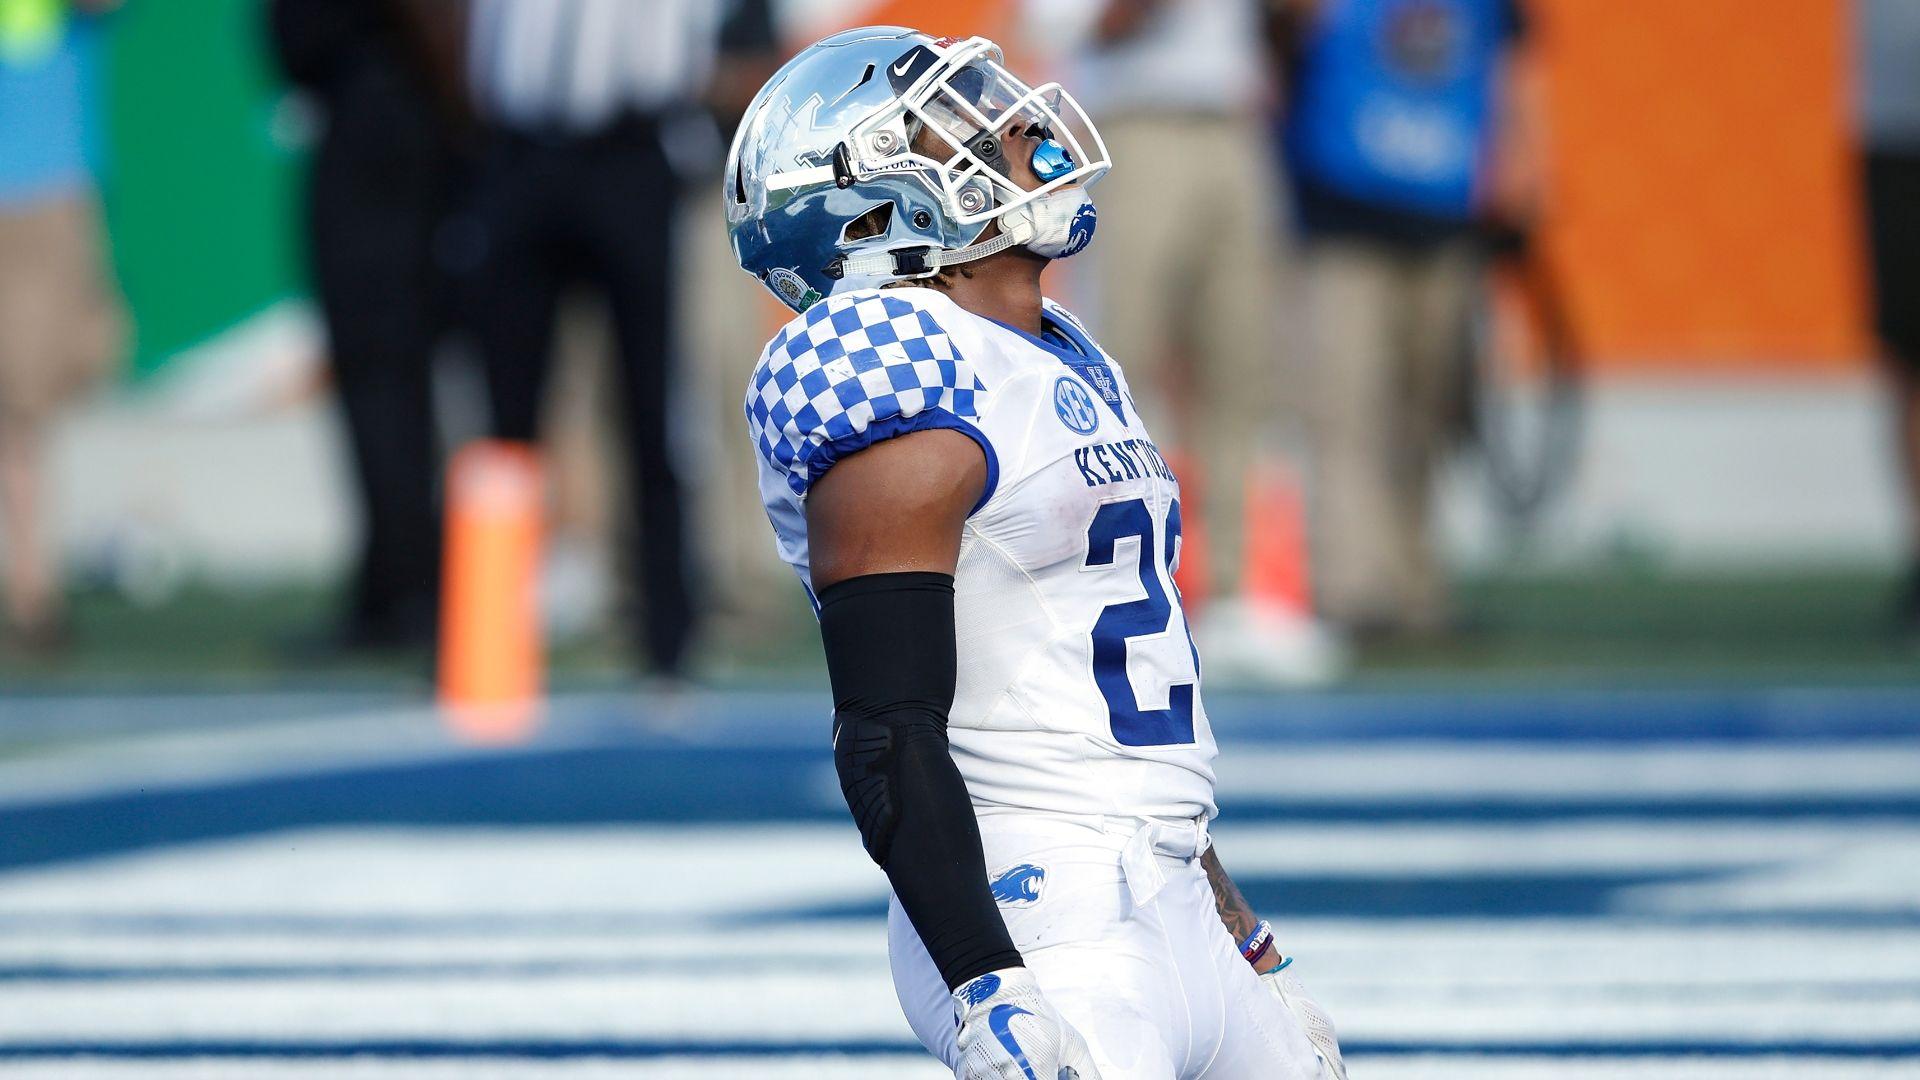 Snell breaks Kentucky rushing record in win - ESPN Video 1a338e046